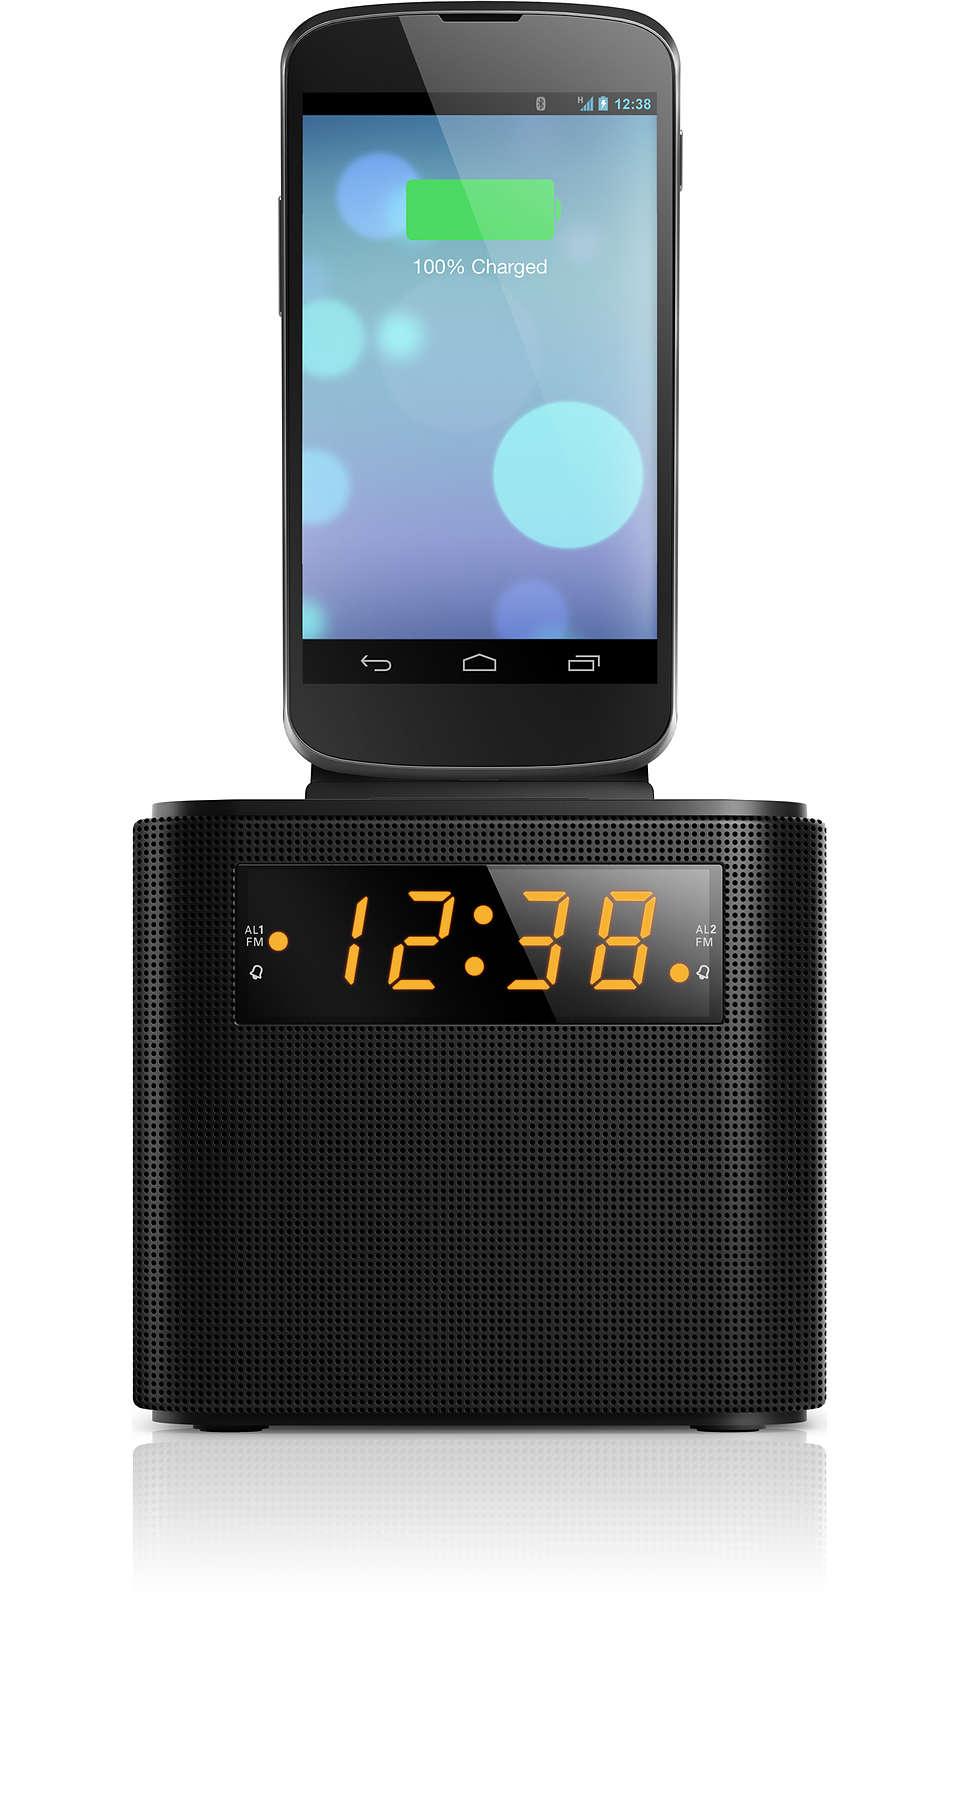 Réveillez-vous au son de la radioavec votre smartphone rechargé